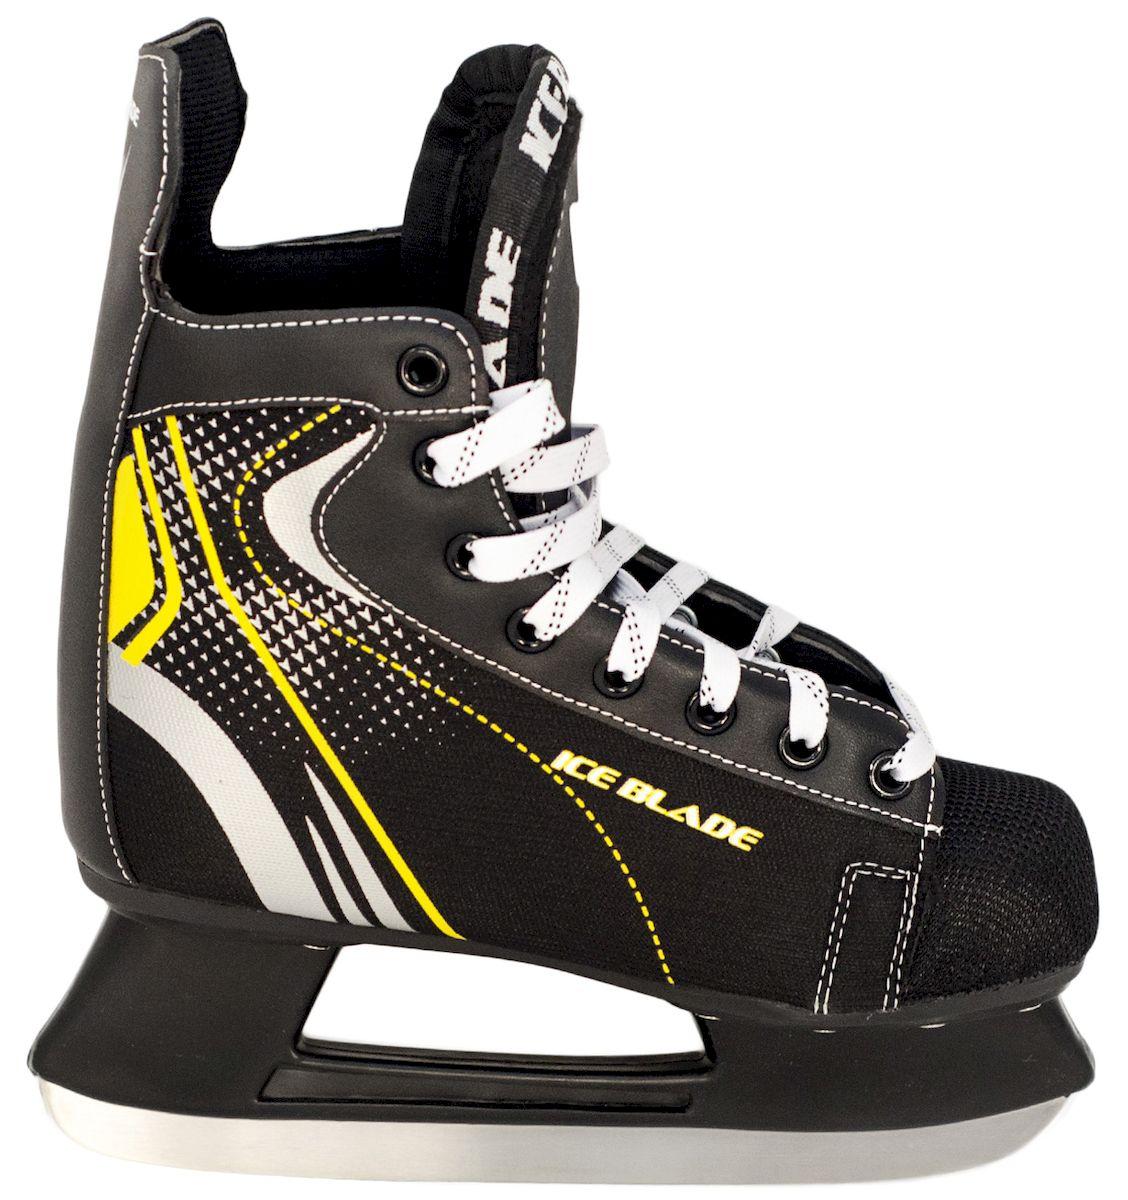 Коньки хоккейные Ice Blade Shark, цвет: черный, желтый. УТ-00006841. Размер 36УТ-00006841Коньки хоккейные Shark - модный яркий дизайн коньков данной модели делает ее очень популярной у любителей хоккея. Модель Shark от Ice Blade также хорошо подойдет и для коммерческого использования. Данная модель часто используется в прокате. Коньки поставляются с заводской заточкой лезвия, что позволяет сразу приступить к катанию, не тратя время и денег на заточку. Коньки подходят для использования на открытом и закрытом льду. Основные характеристики: Назначение: хоккейные коньки Тип фиксации: шнурки Дополнительные характеристики: Материал ботинка: искусственная кожа, высокопрочная нейлоновая ткань, ударостойкий пластик Внутренняя отделка: вельветин с утеплением Лезвие: лезвие выполнено из высокоуглеродистой стали с покрытием из никеля Упаковка: удобная сумка Дополнительно: Гарантия 1 год